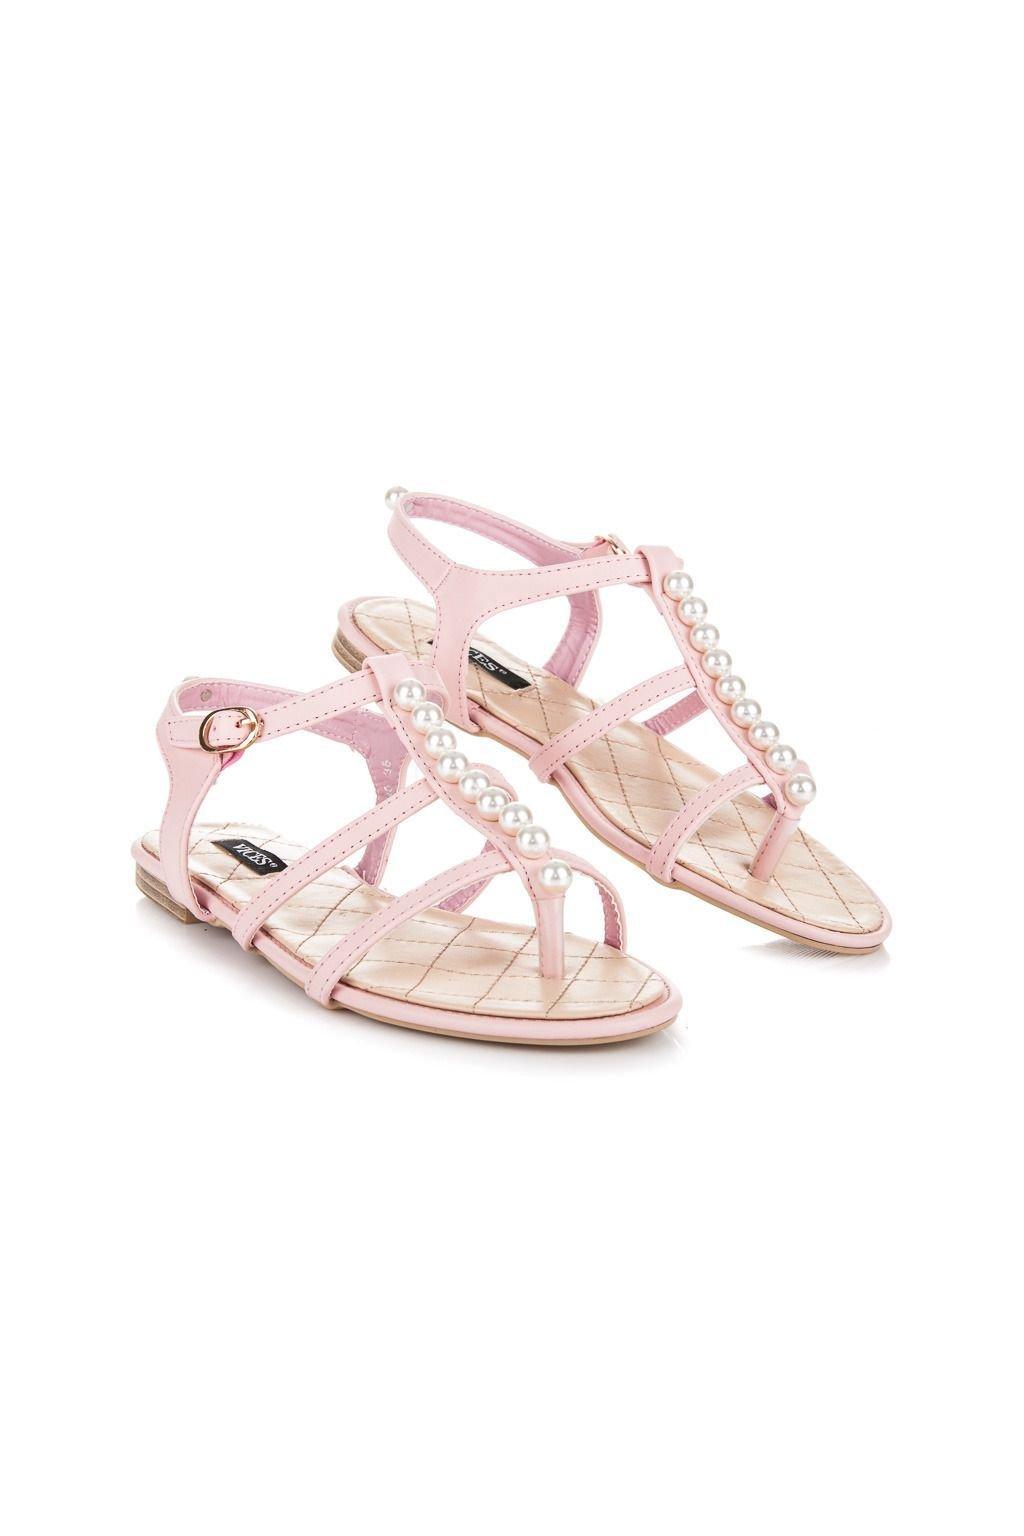 Nízké růžové sandály s korálky